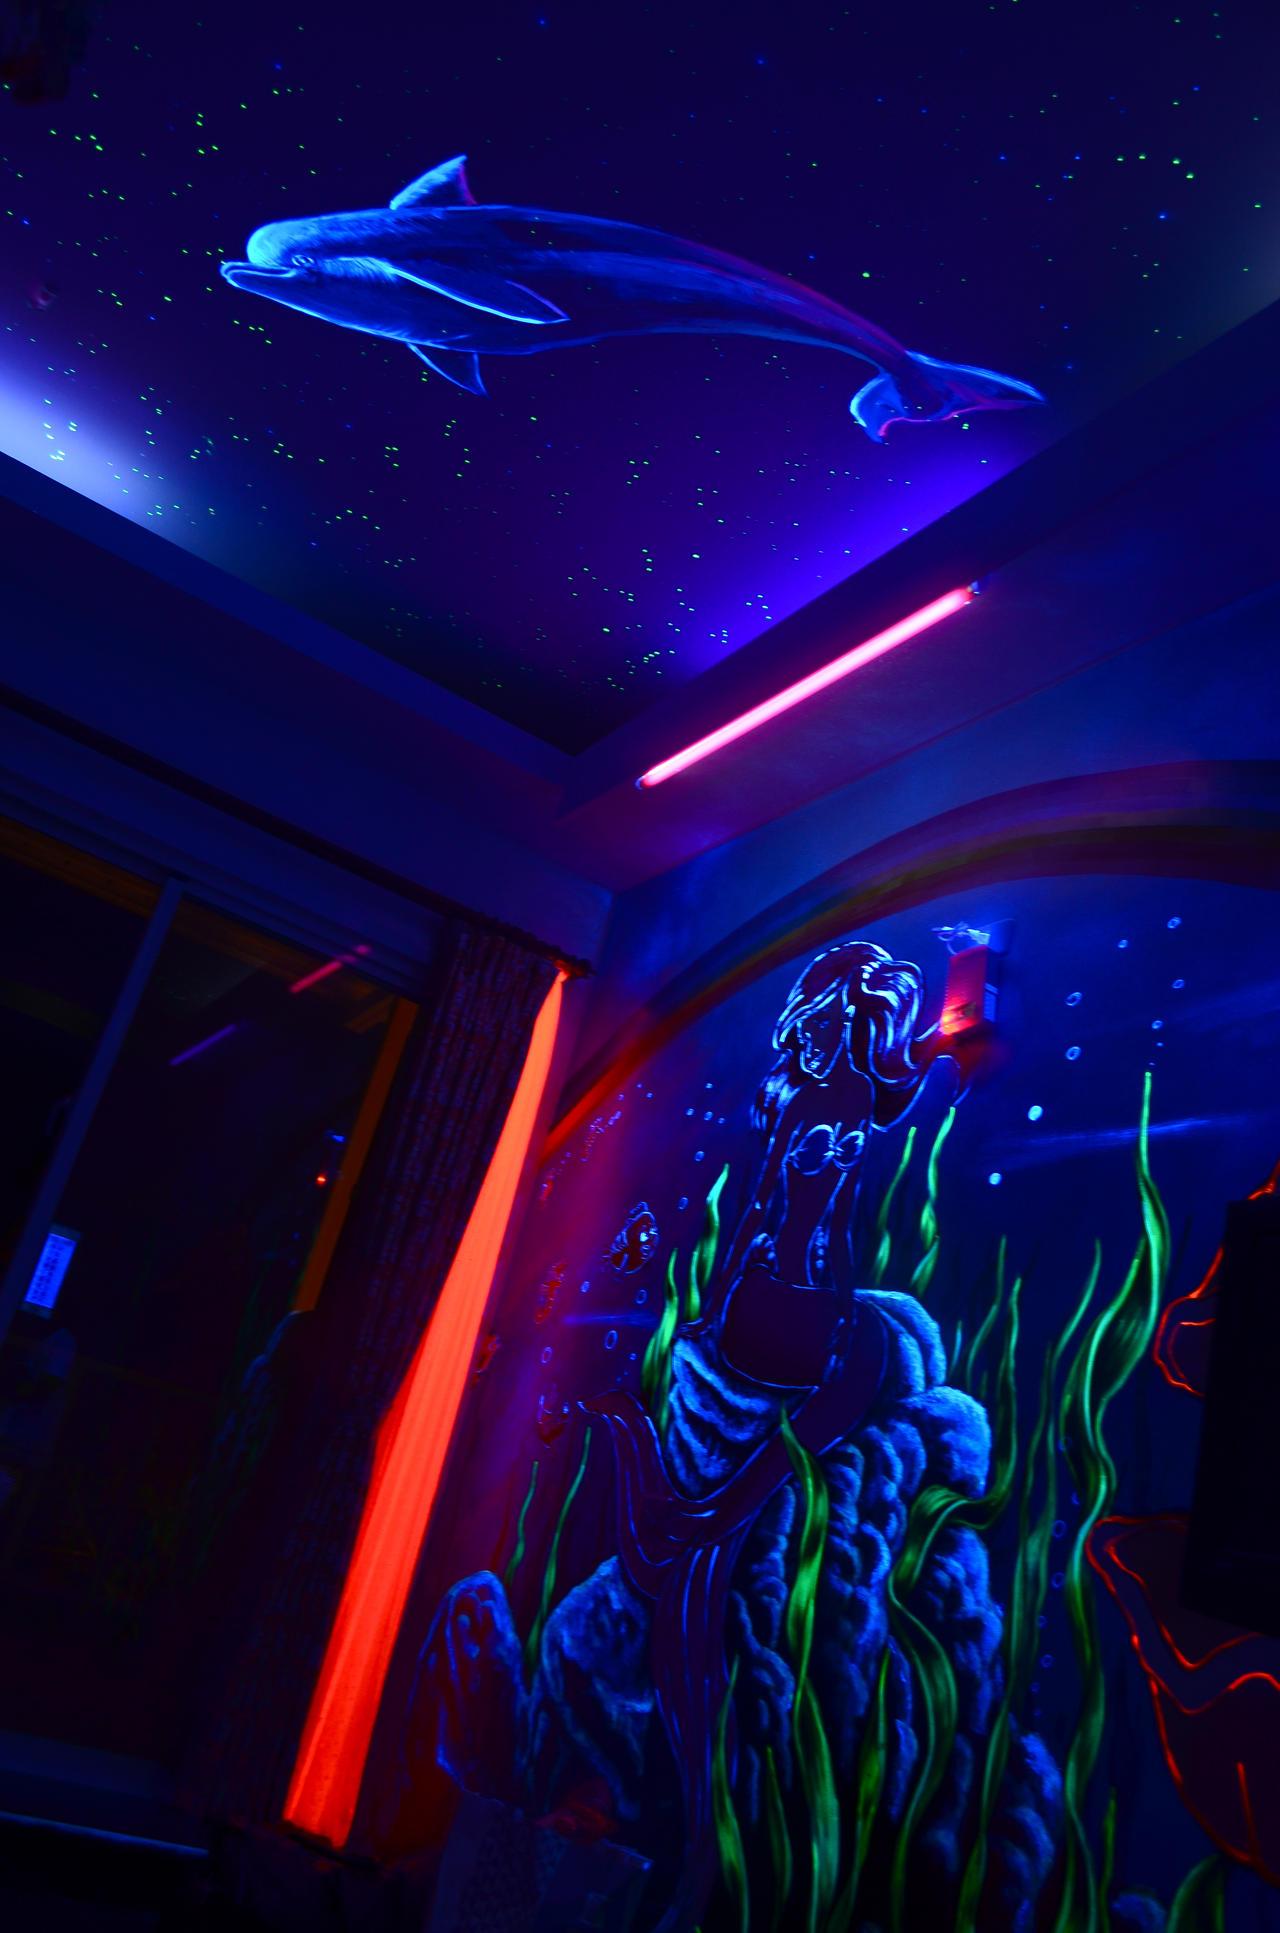 oceangod hotel mermaid bedroom by pacmangeek on deviantart